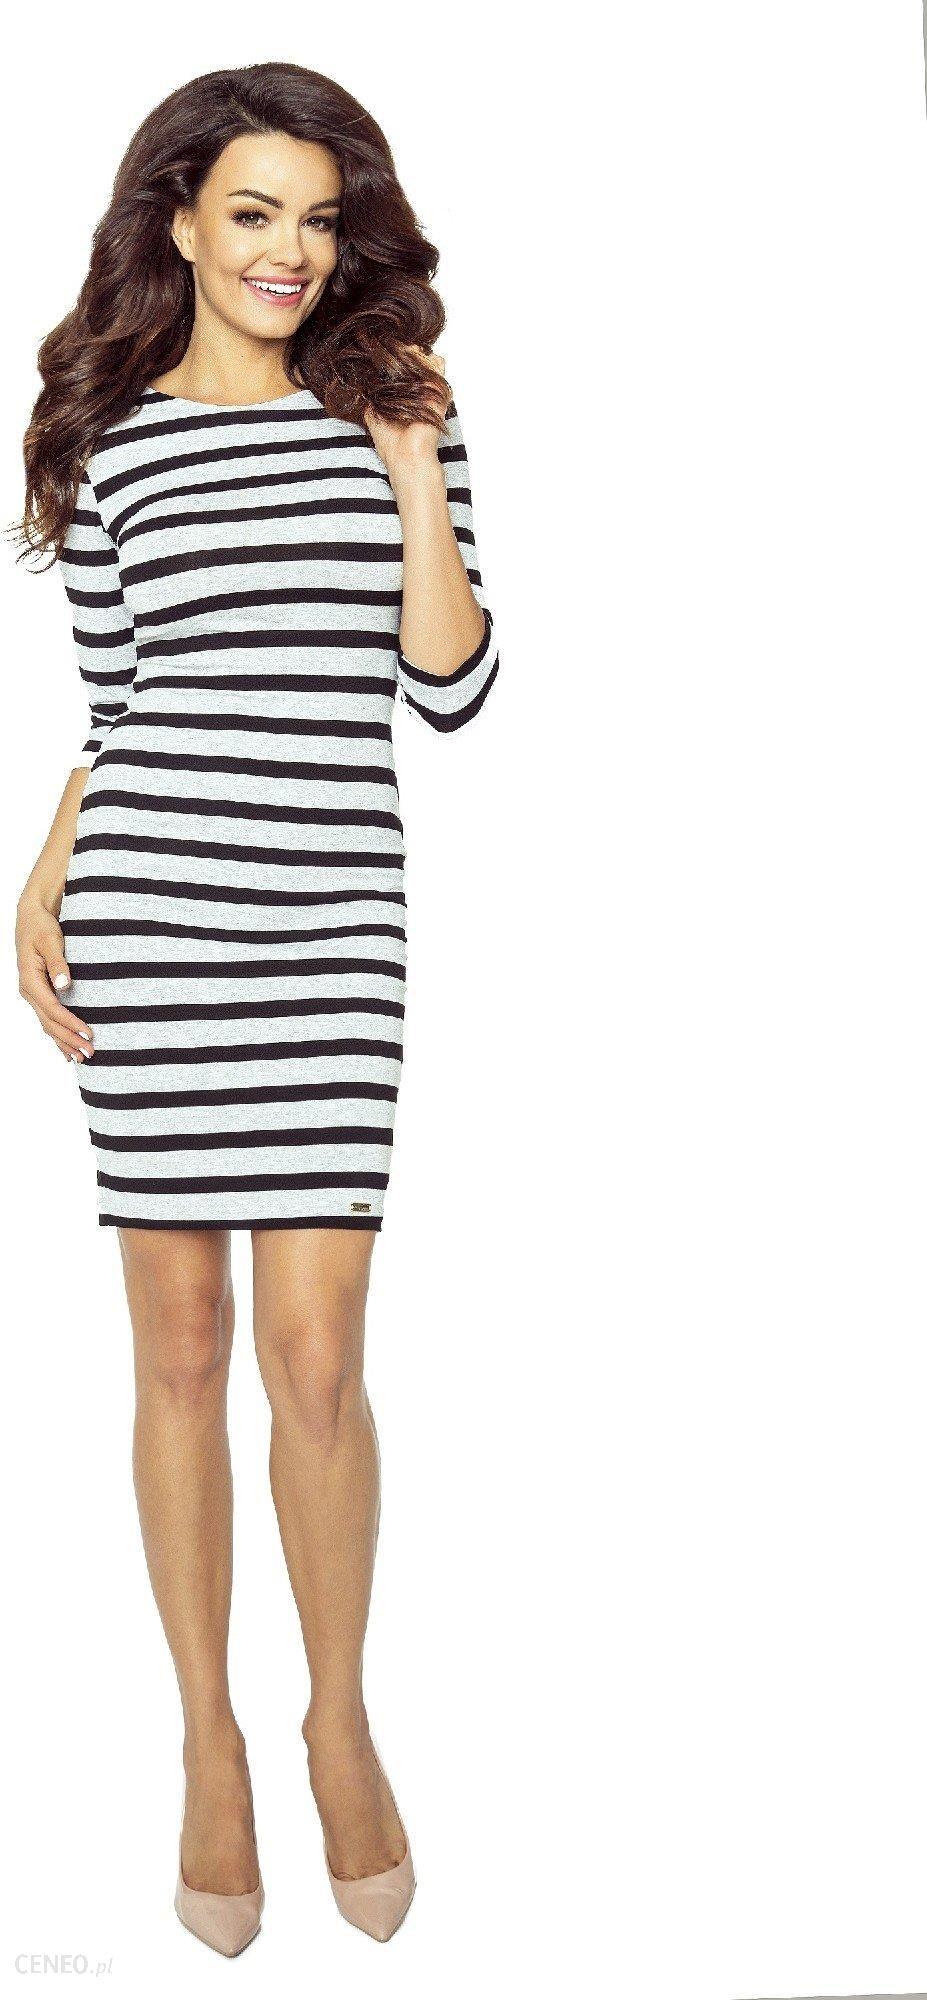 ee28c5b12c Ptak Moda Casualowa sukienka w paski M50629 biało-czarna r. XL - zdjęcie 1